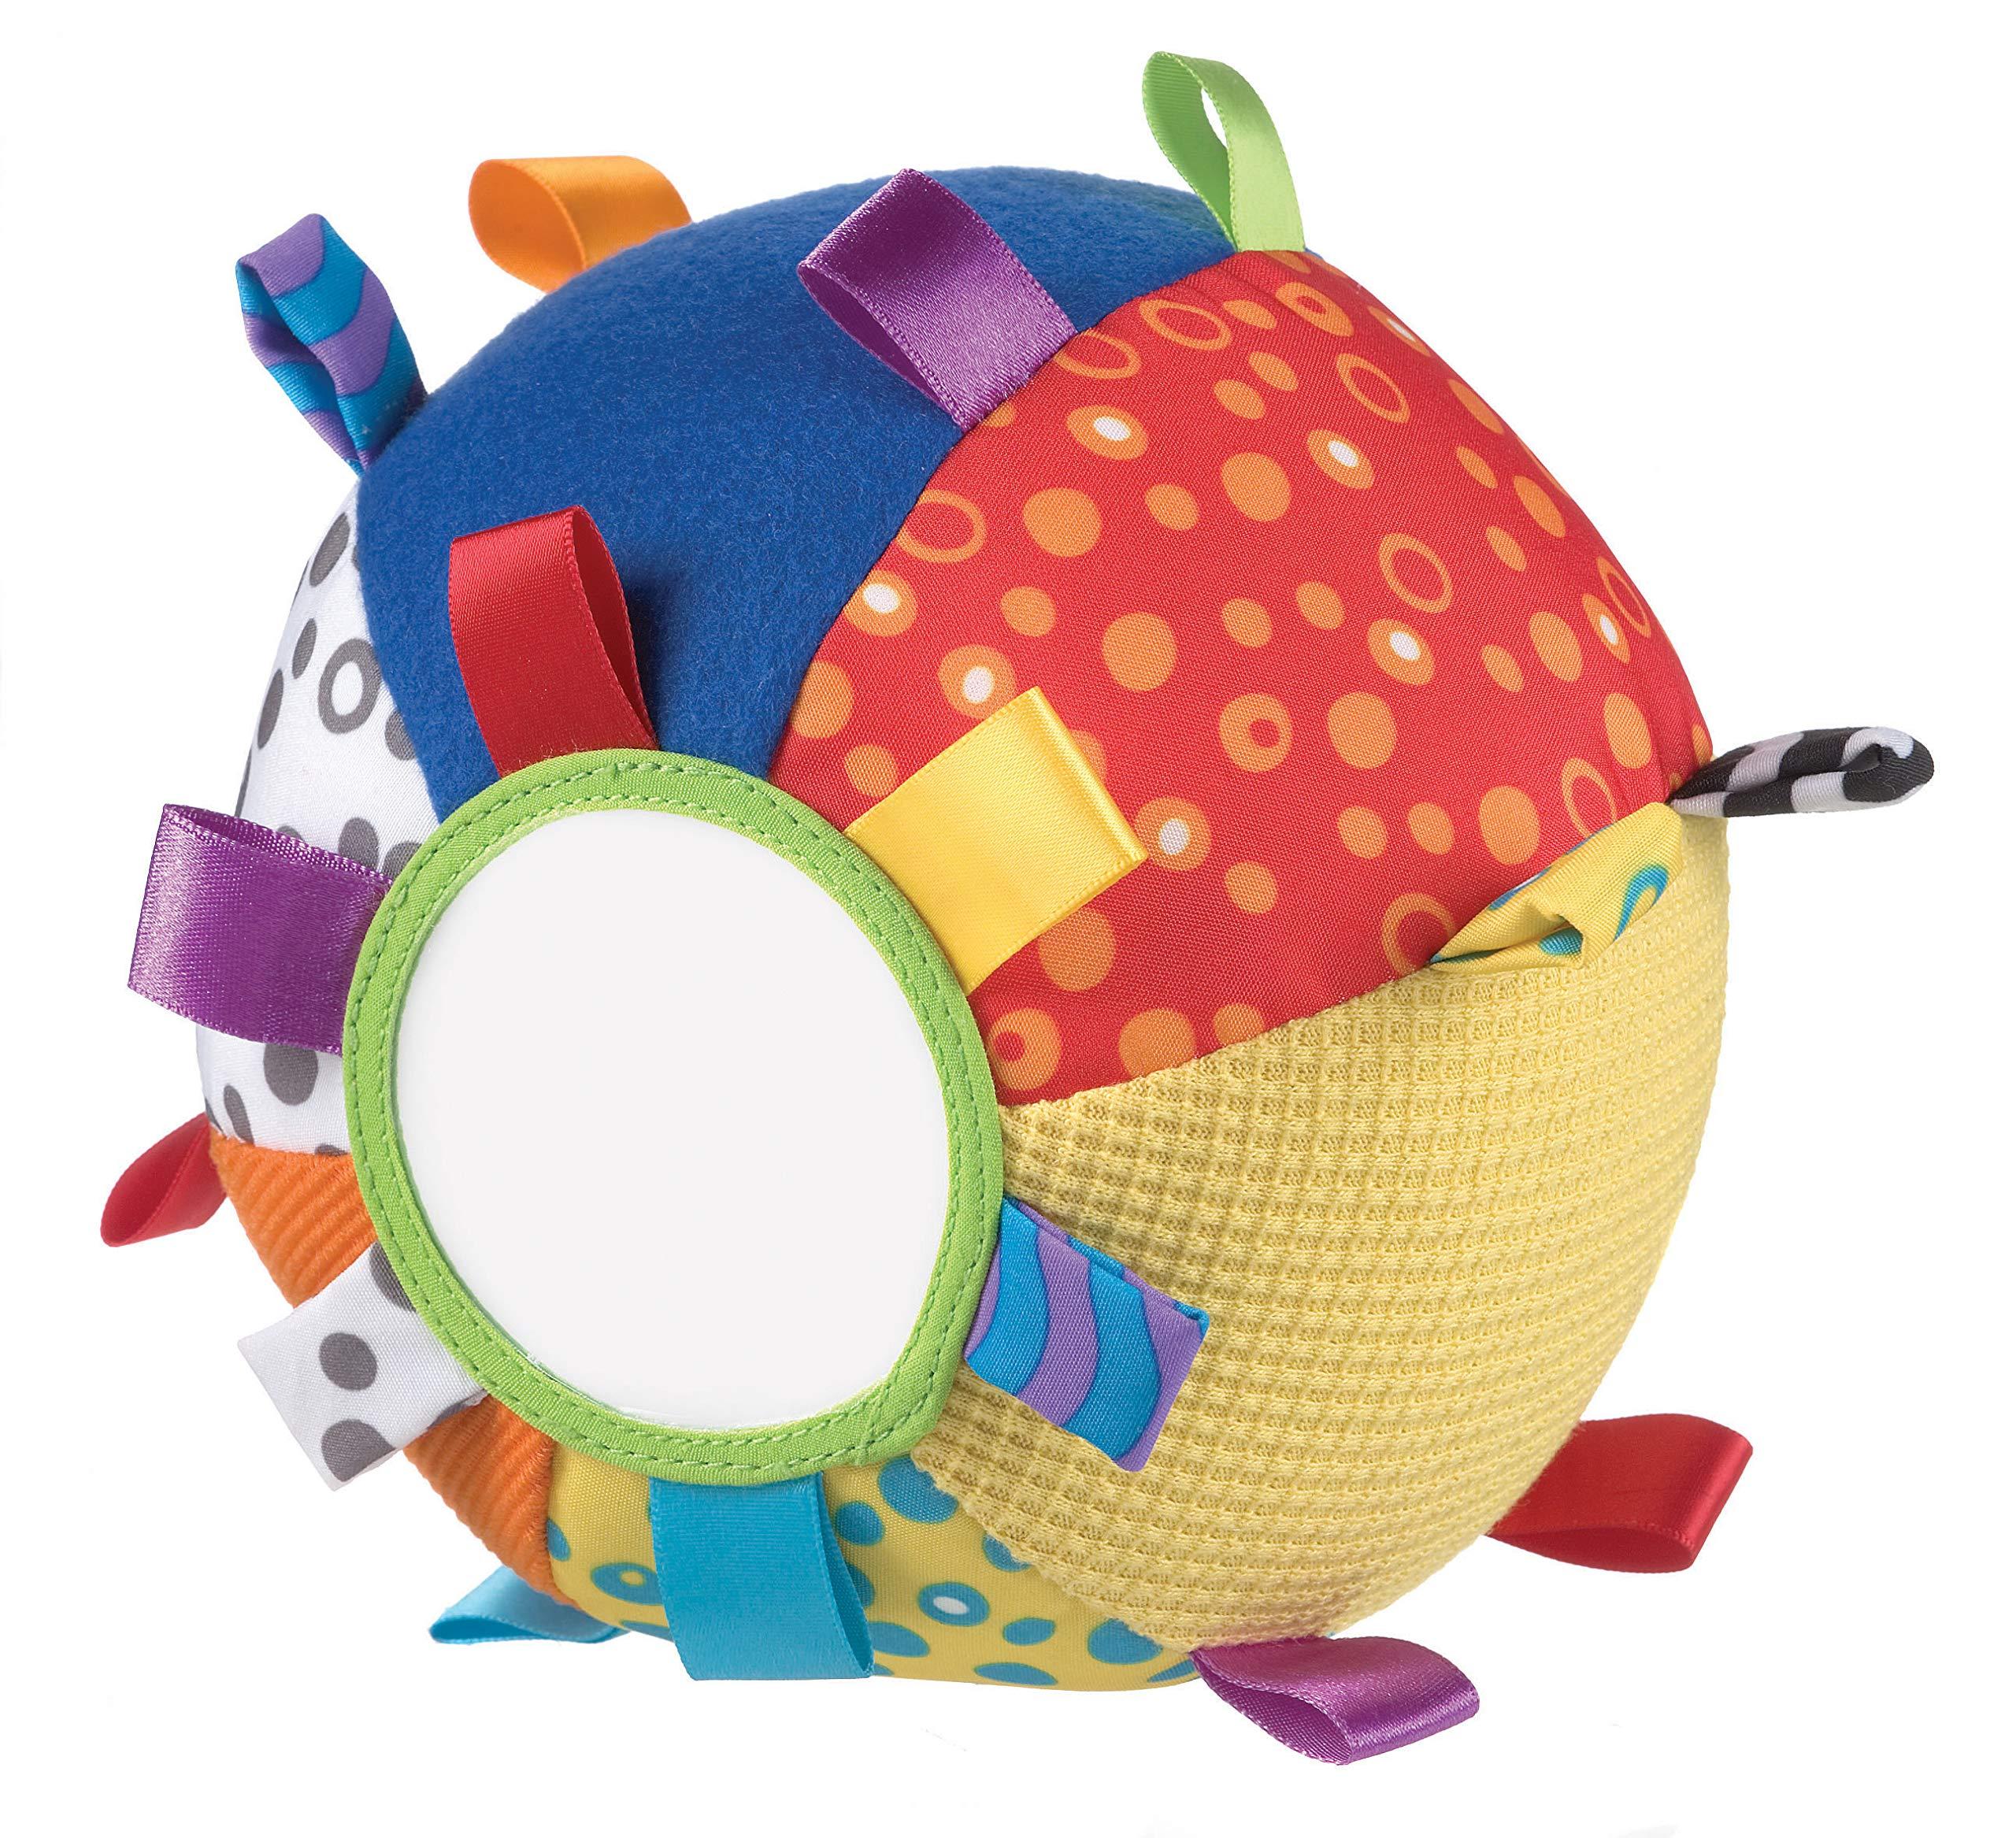 Playgro 0180271 - Pelota de tela con texturas, espejo, etiquetas y sonajero product image